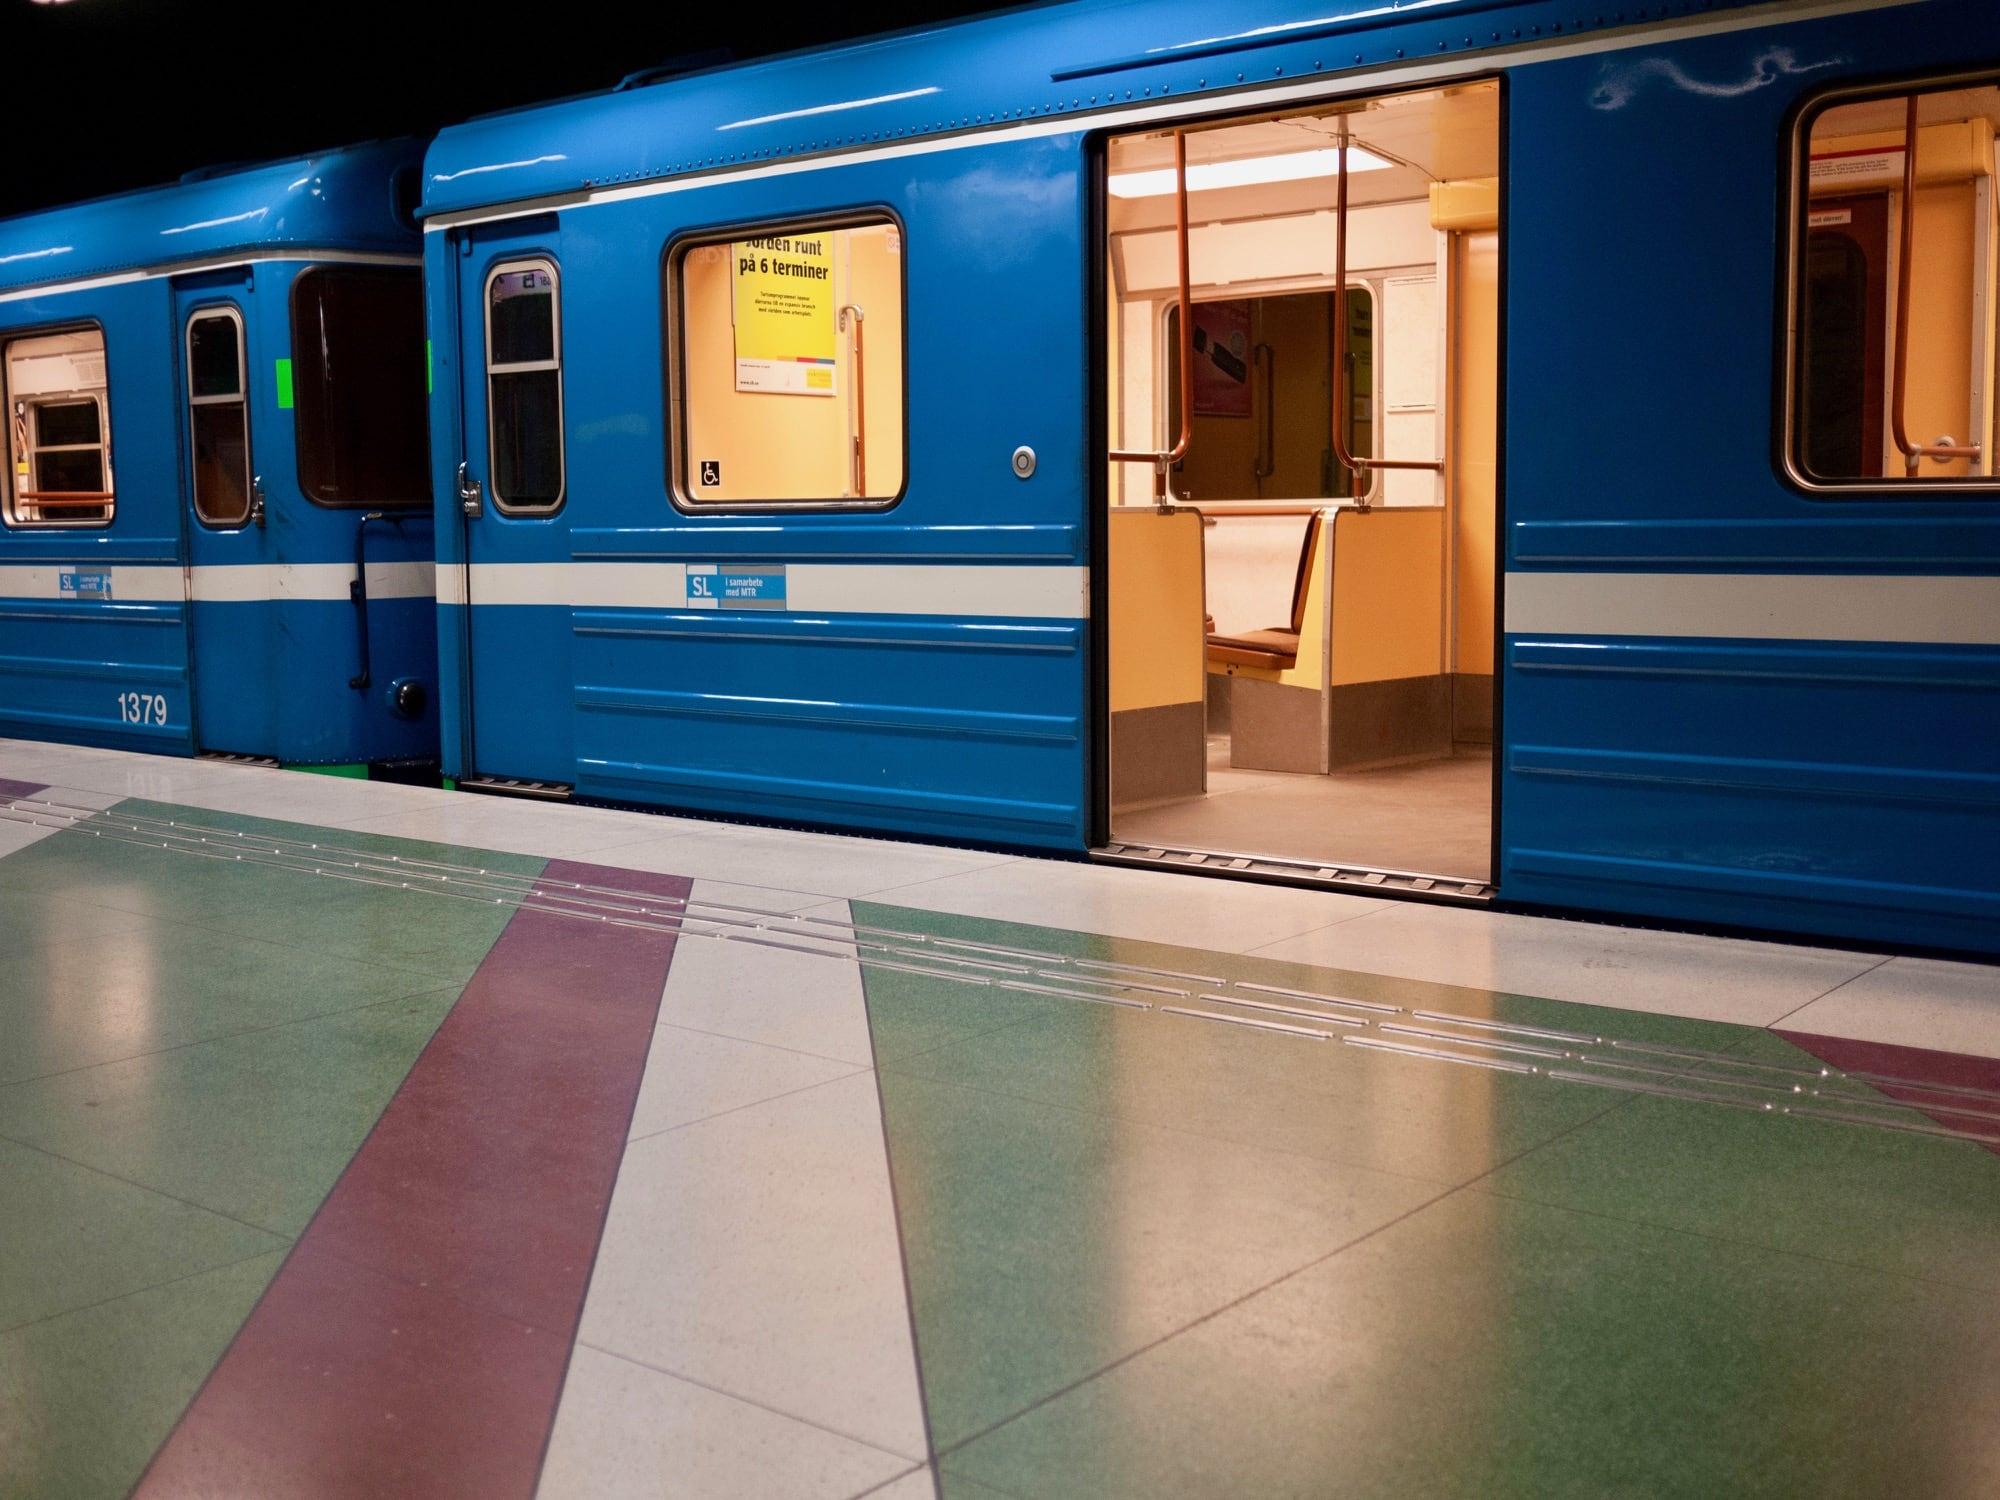 Stockholm's excellent public transit.